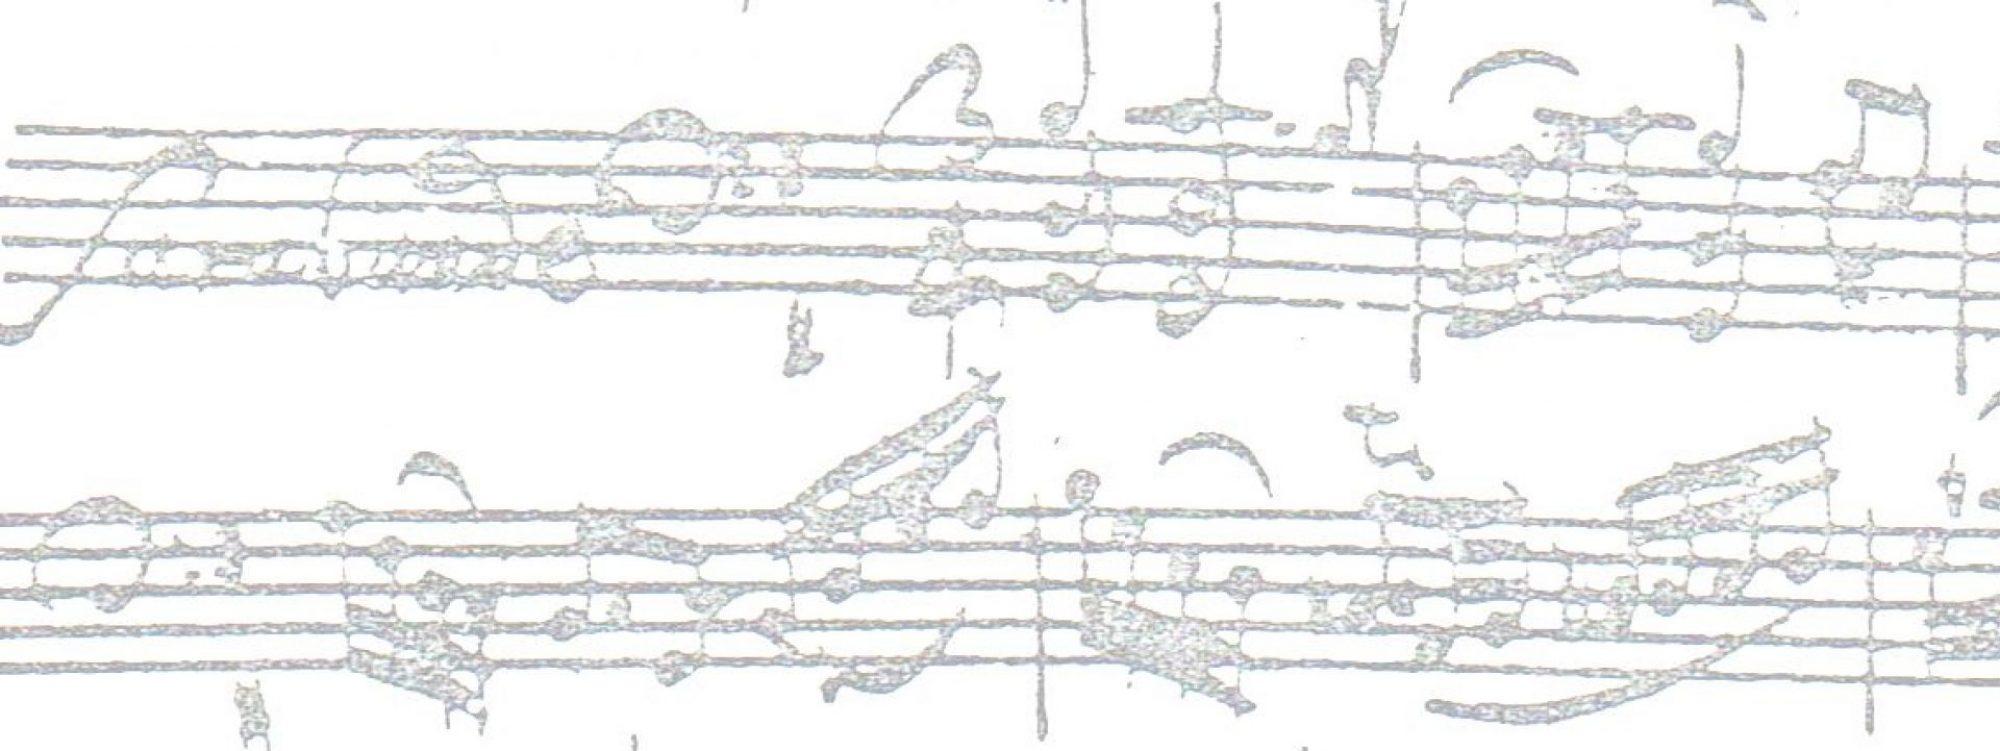 Musikunterricht und Workshops